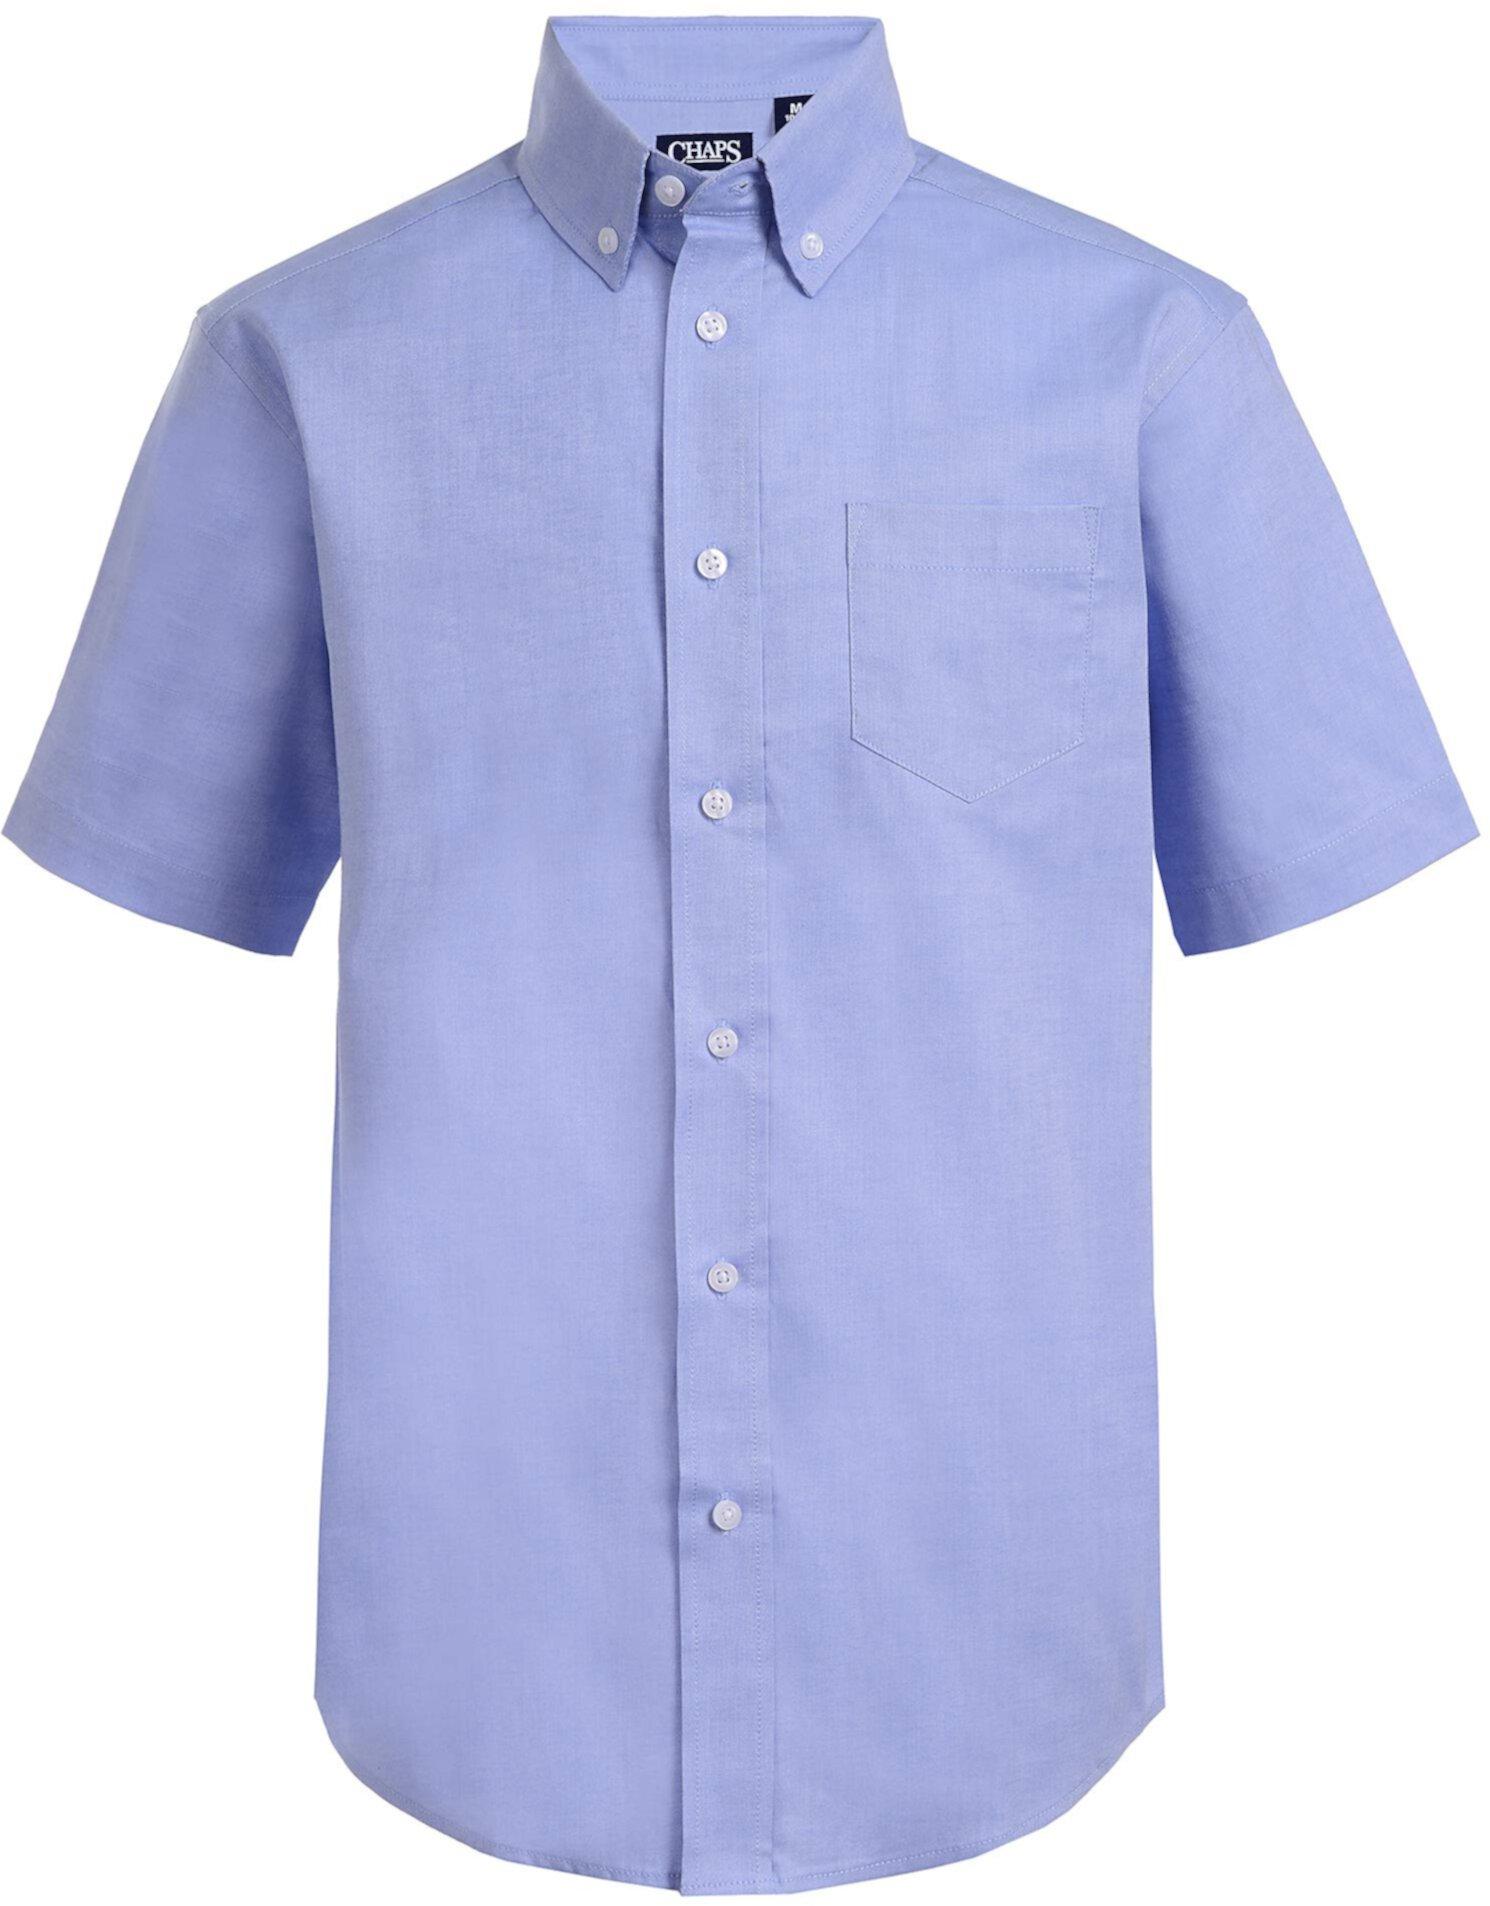 Оксфордская классическая рубашка с короткими рукавами и пуговицами CHAPS